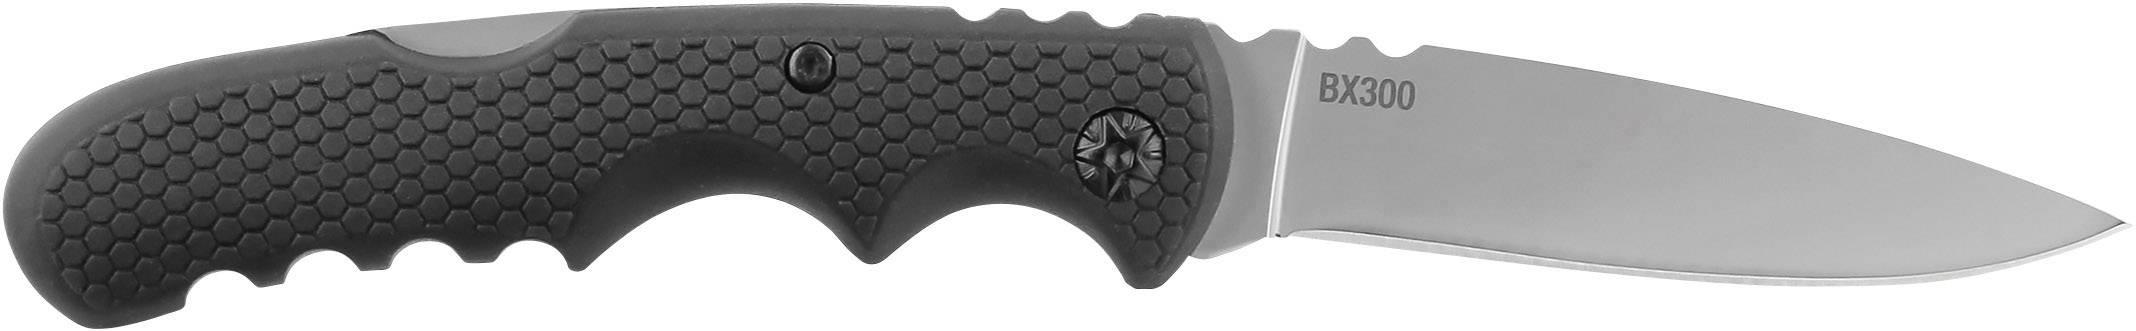 Nože Coast BX300 20890, černá